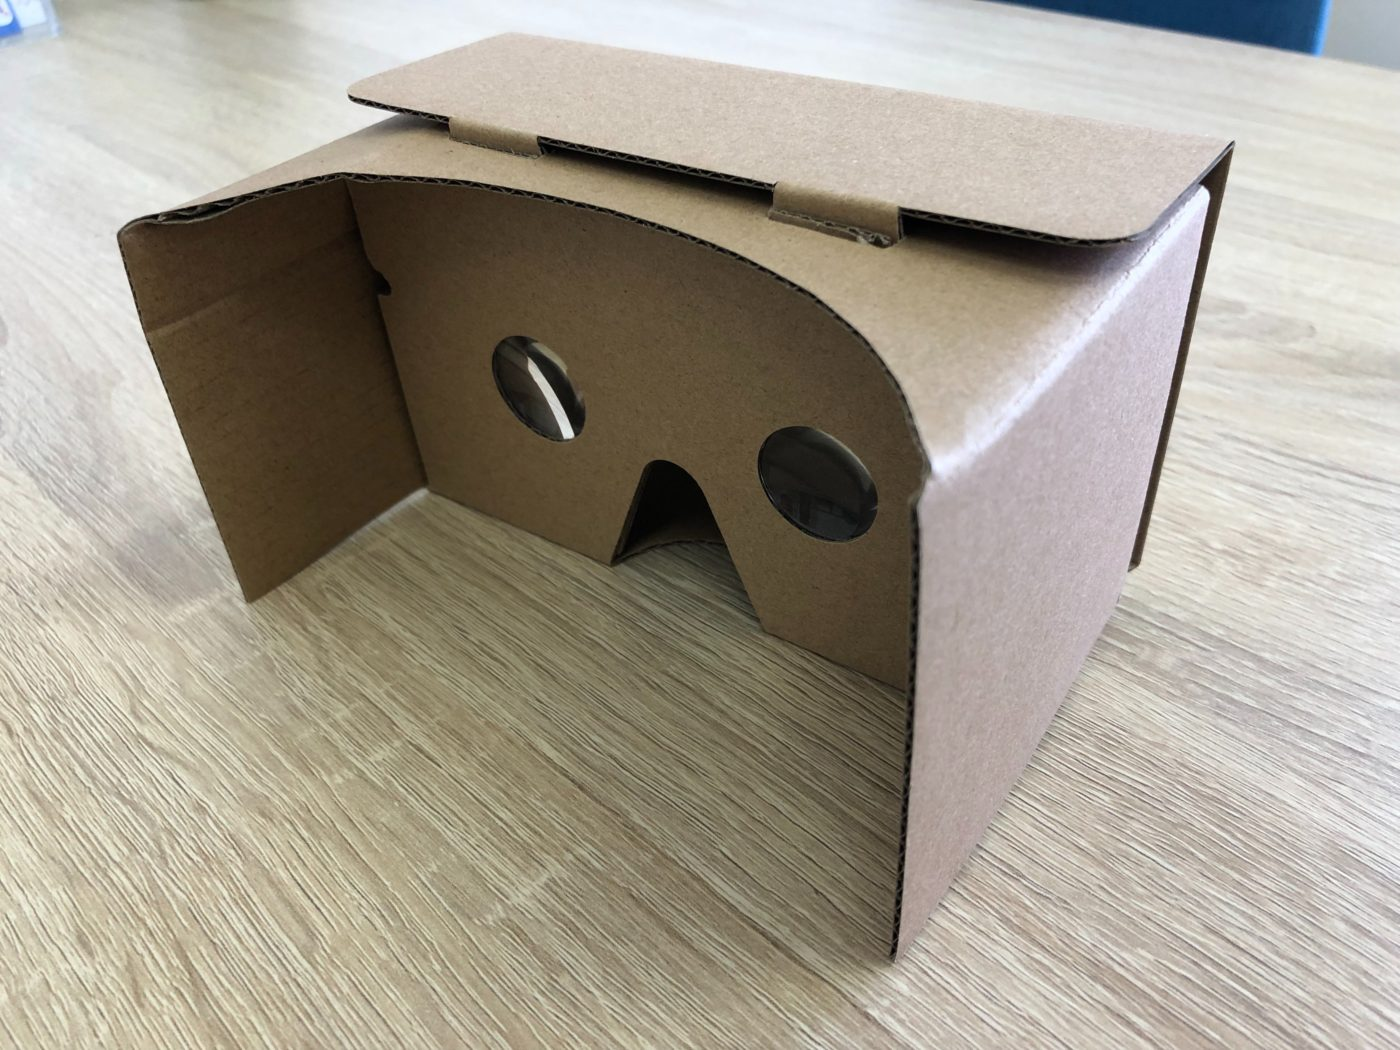 100均の2眼VRゴーグル 組み立て